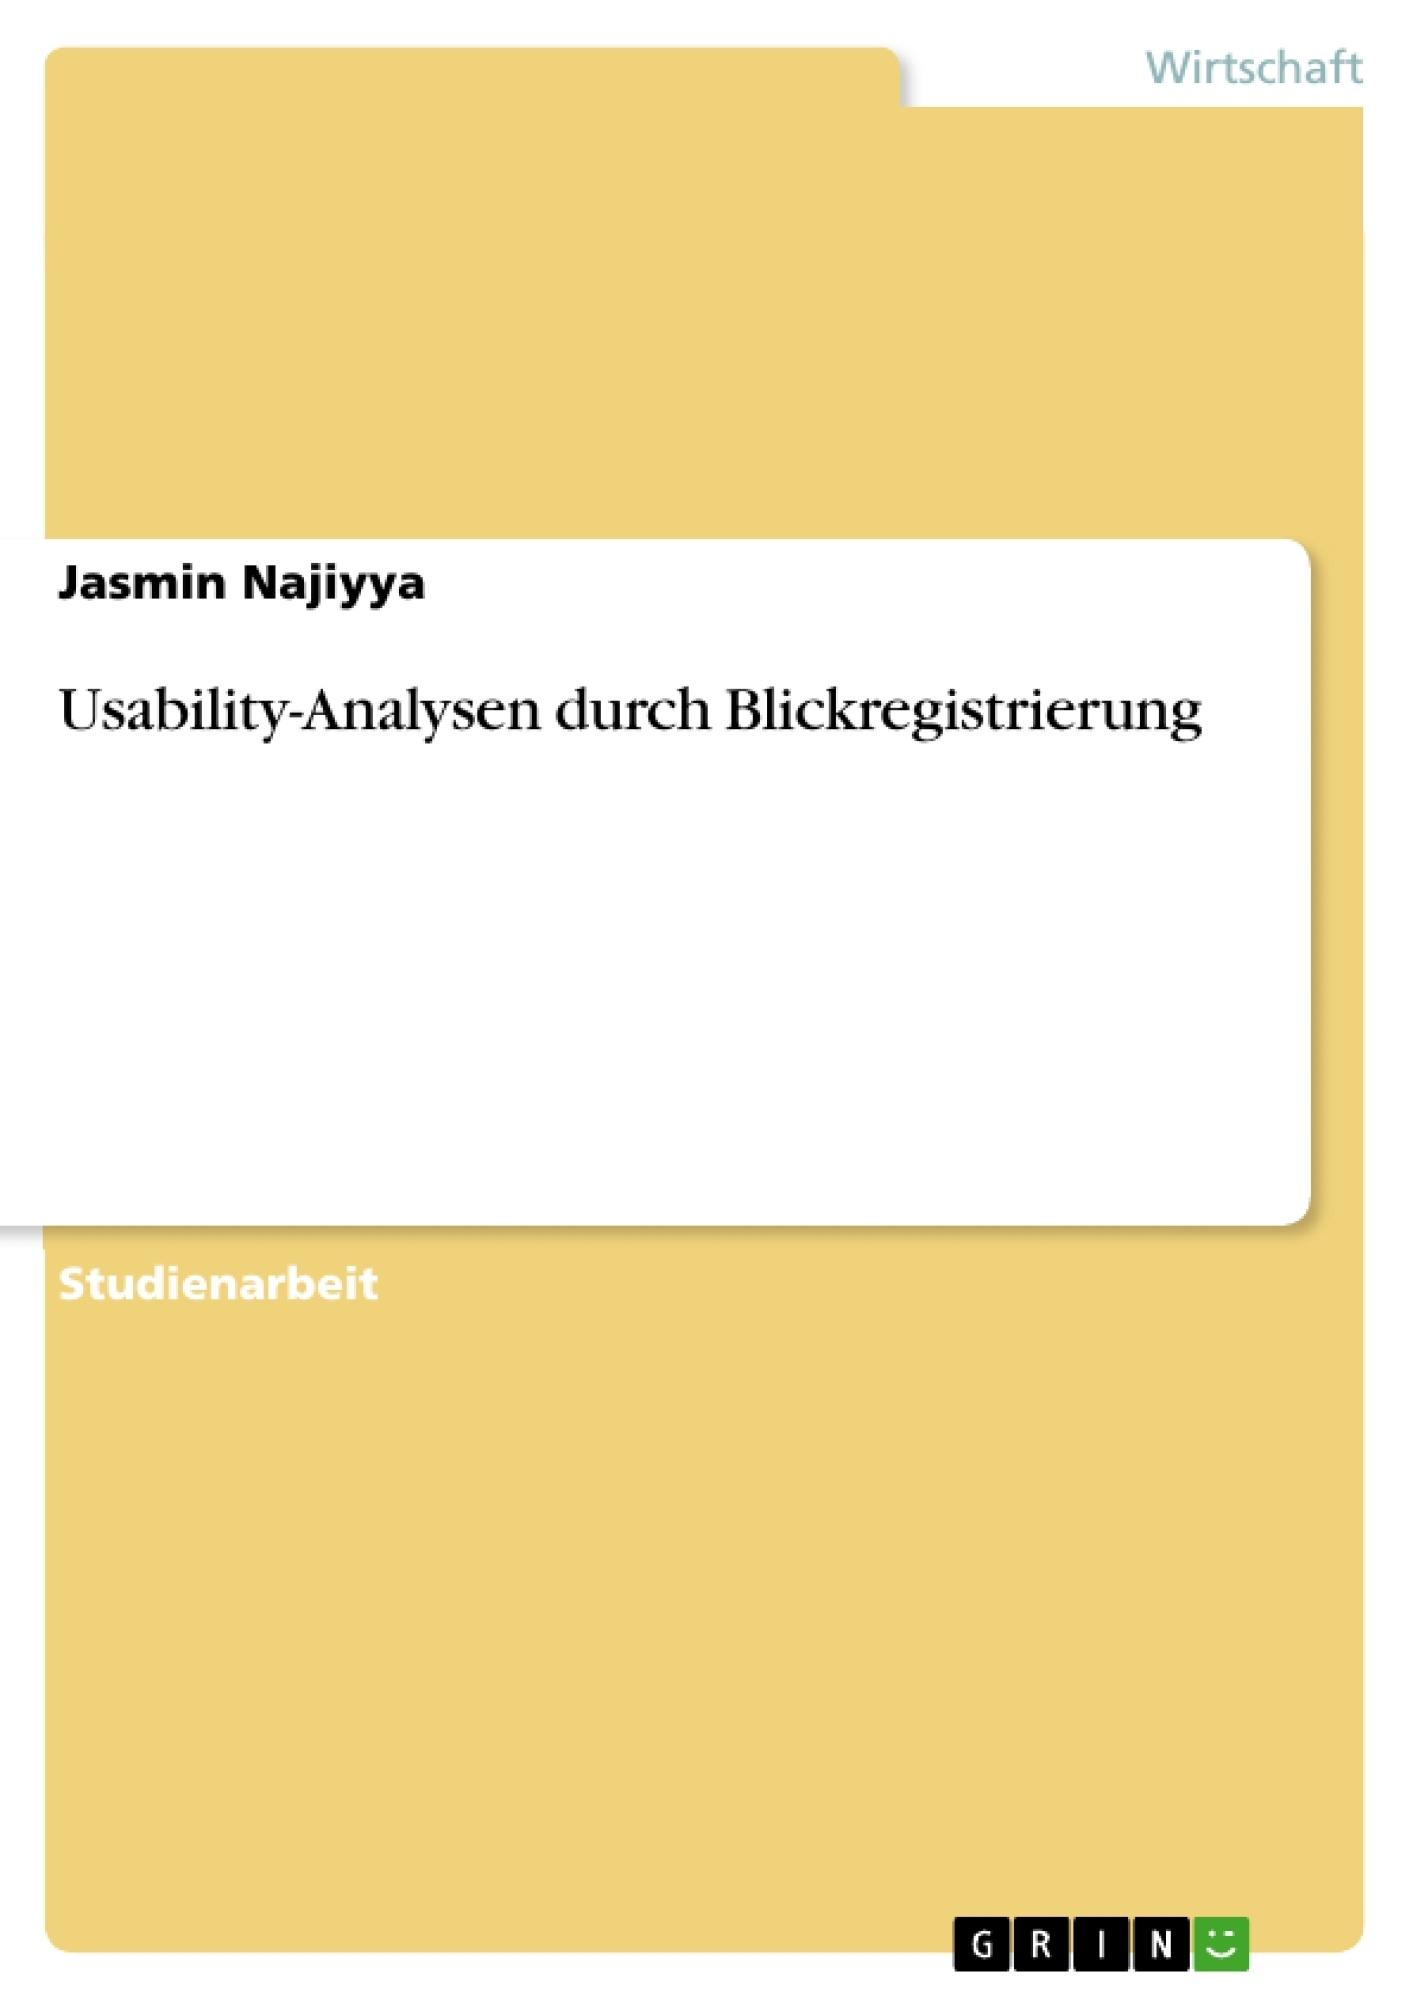 Titel: Usability-Analysen durch Blickregistrierung